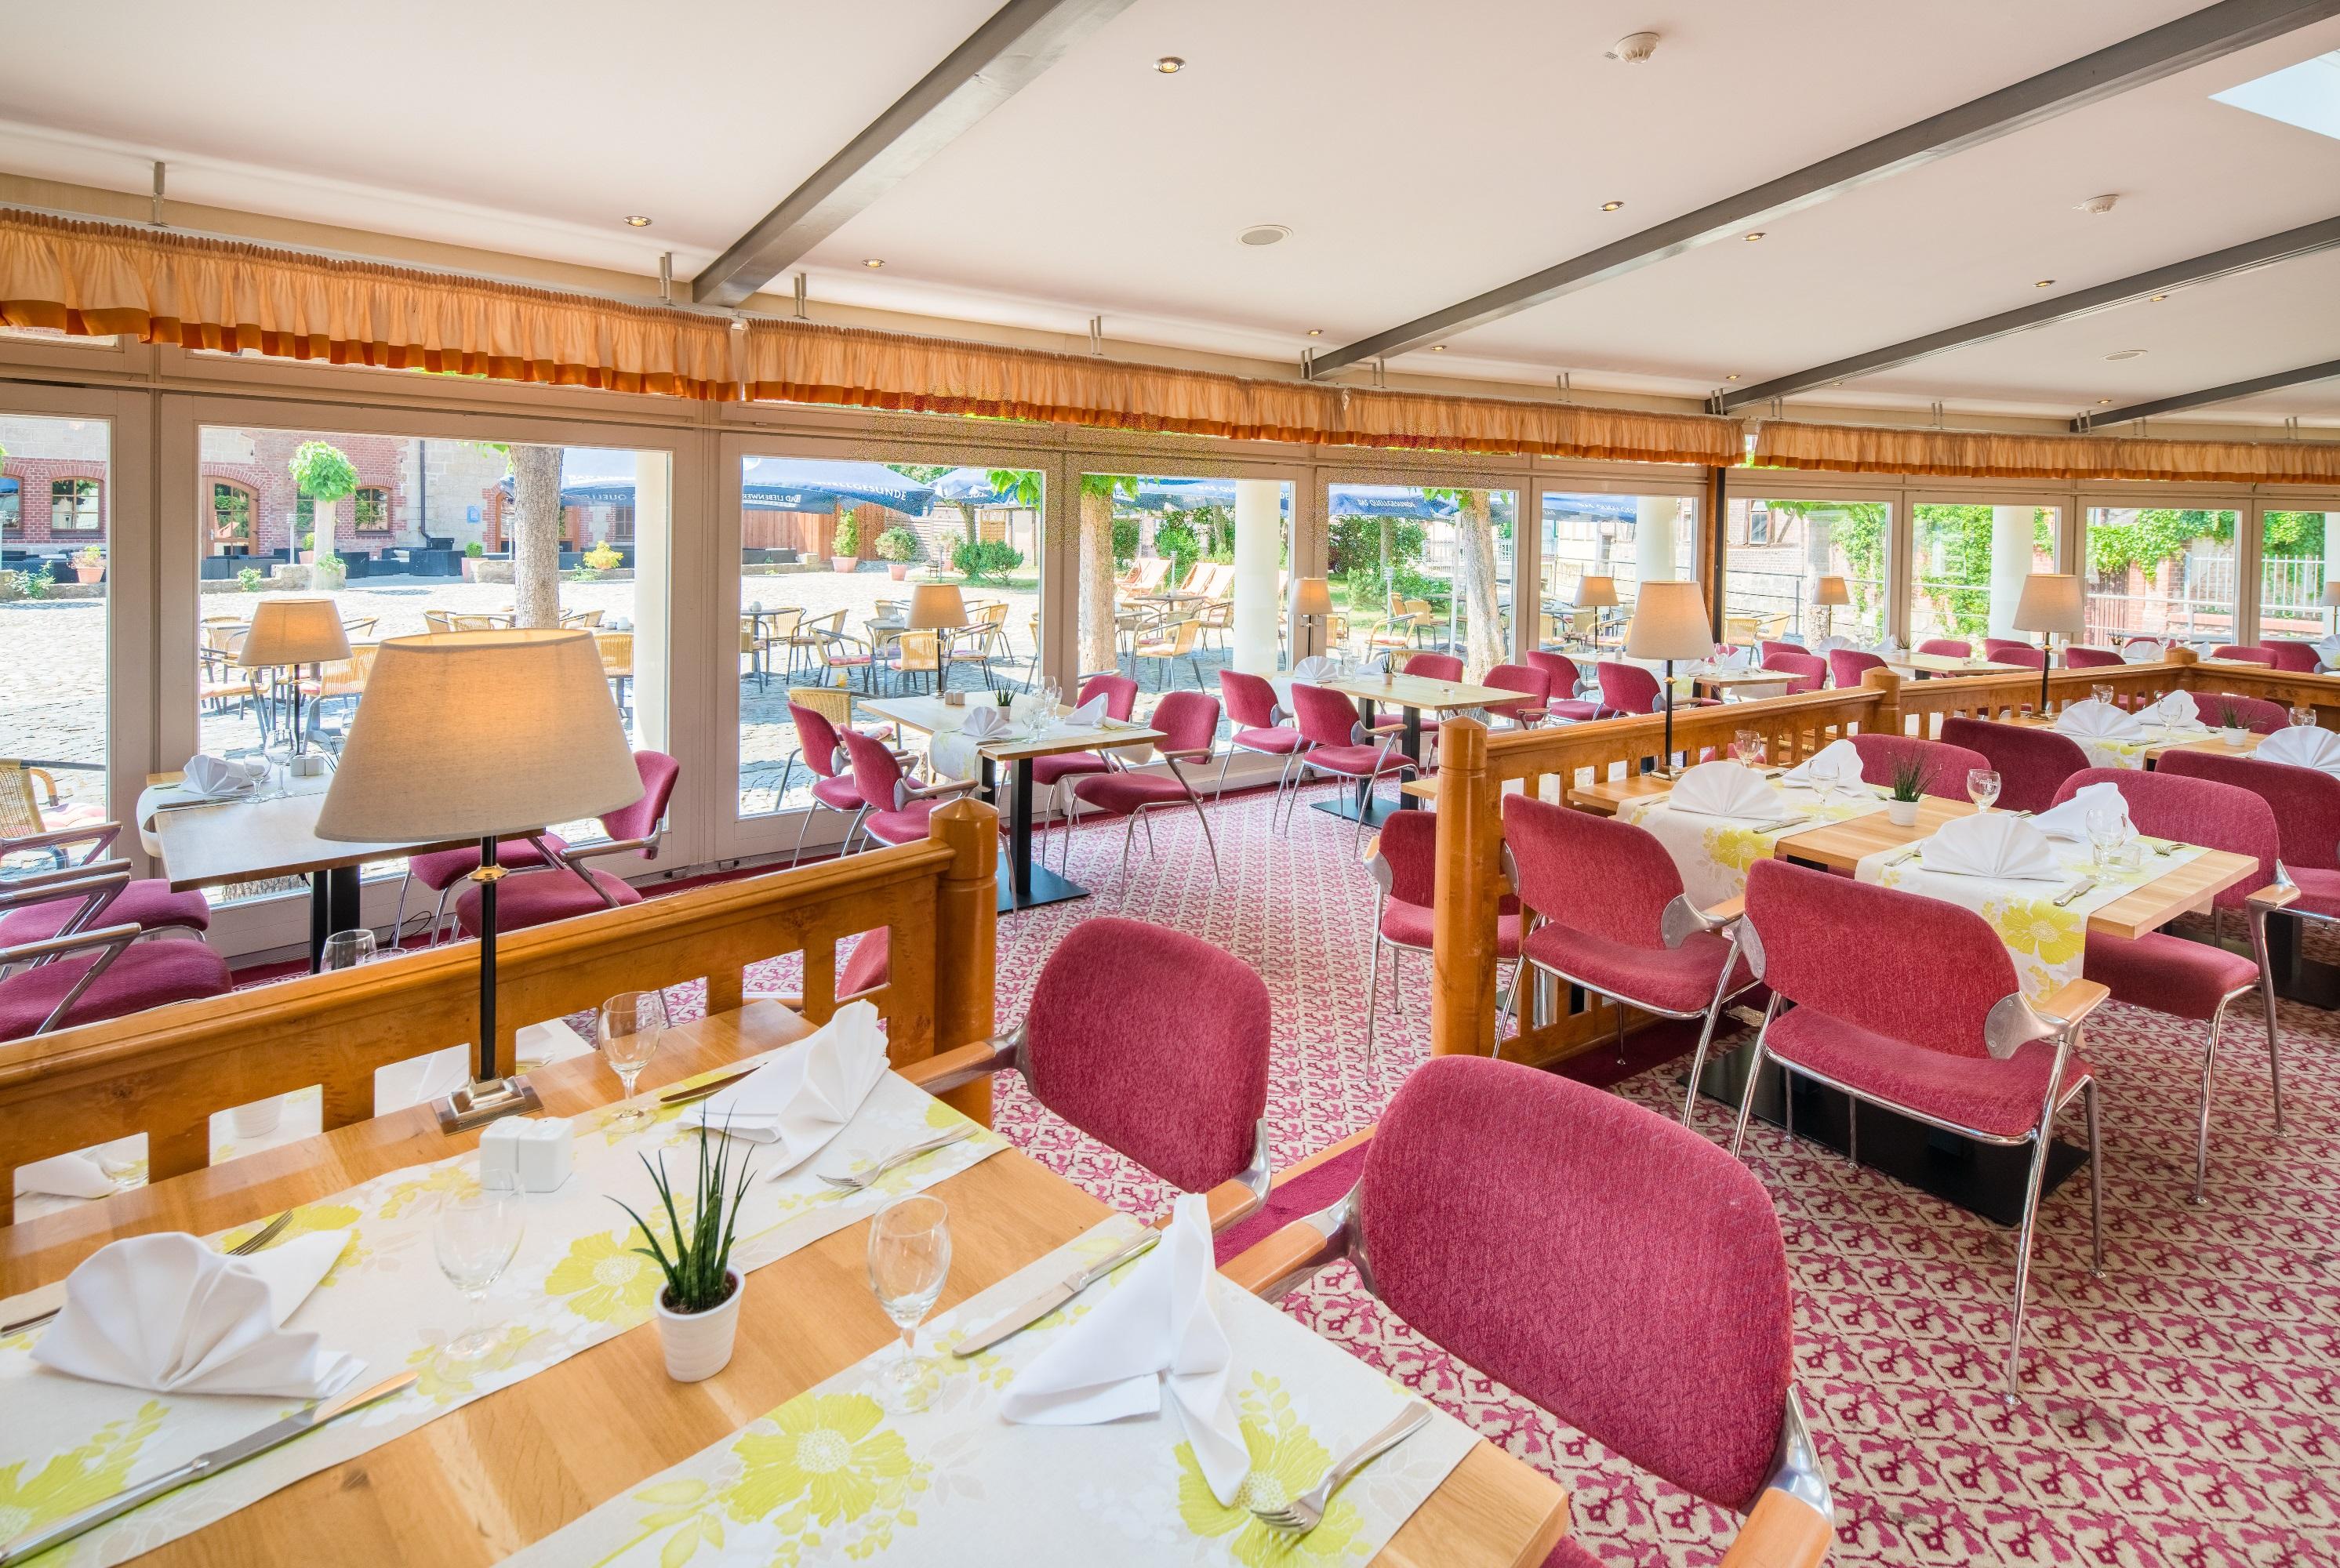 BEST WESTERN Hotel Schlossmühle in Quedlinburg - Restaurant